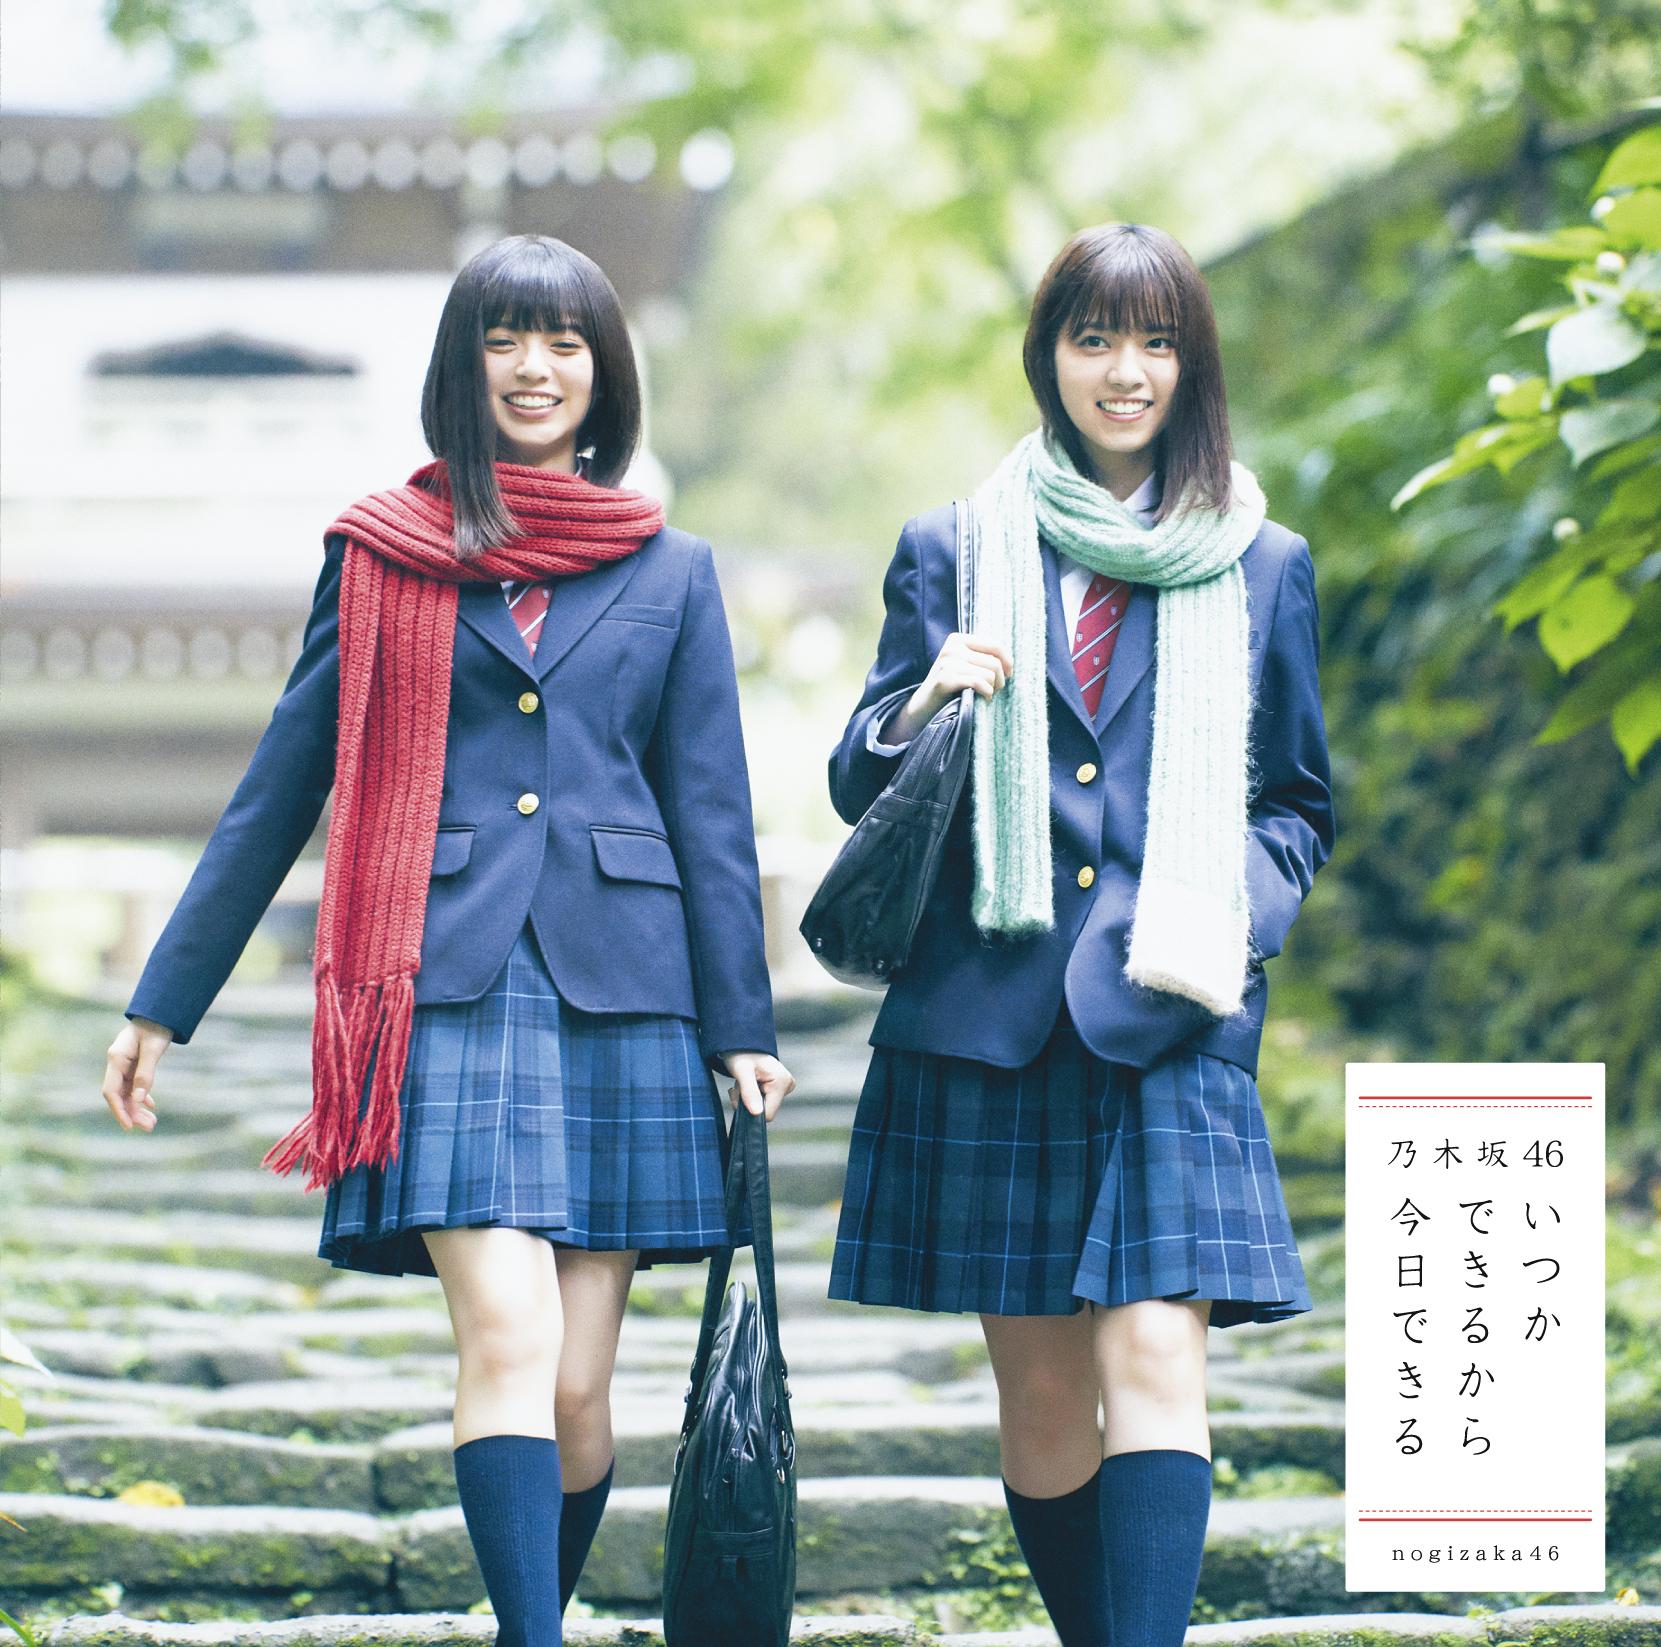 【初回仕様限定(CD+DVD)盤】 <Type-A>